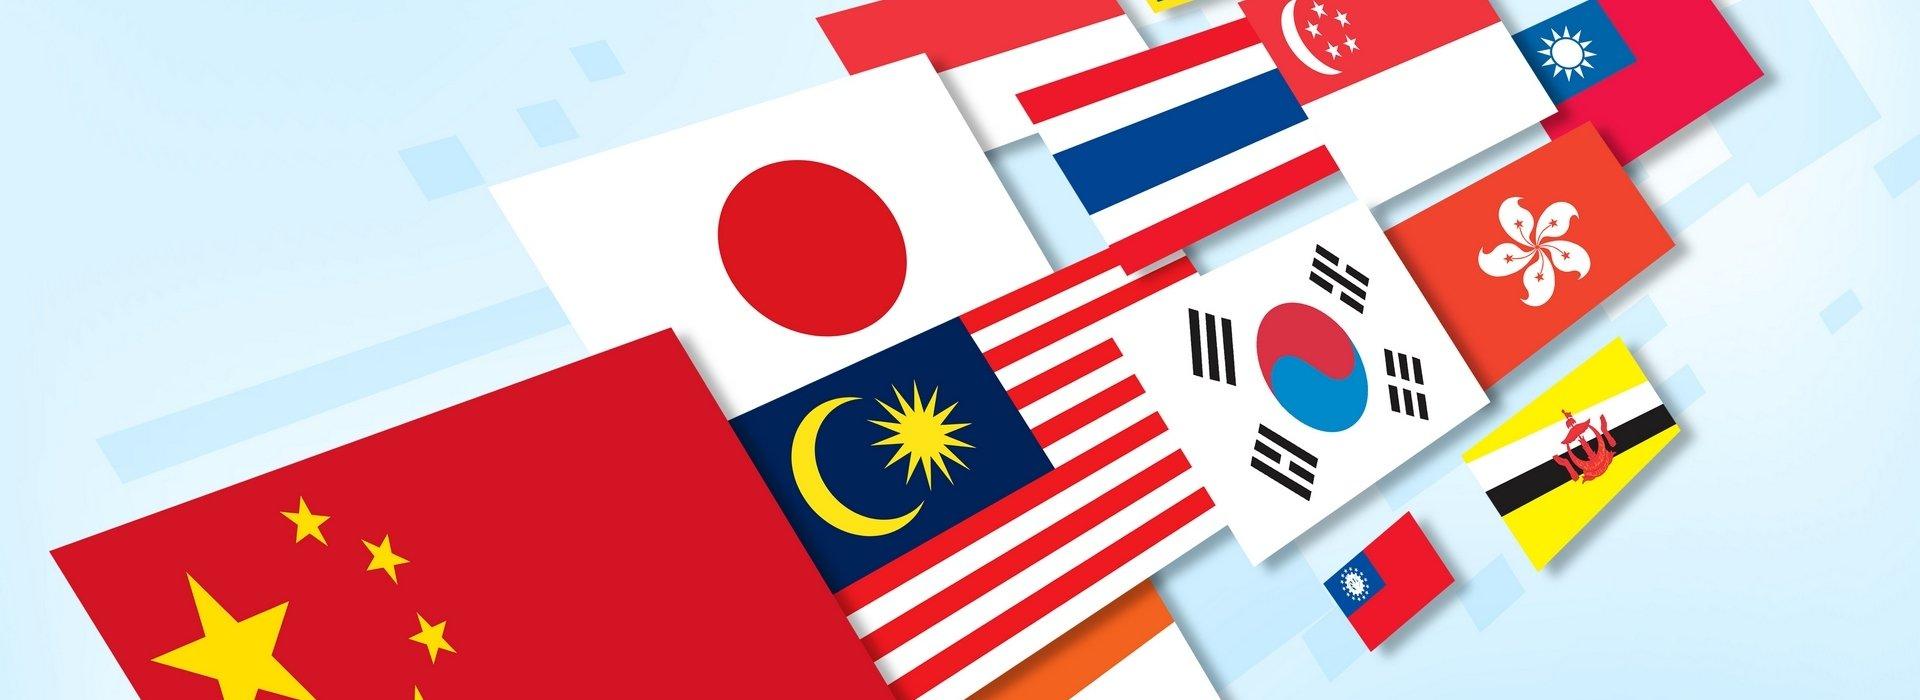 Botschaften der asiatischen Länder in Budapest, Ungarn – Budapest Botschaft Guide